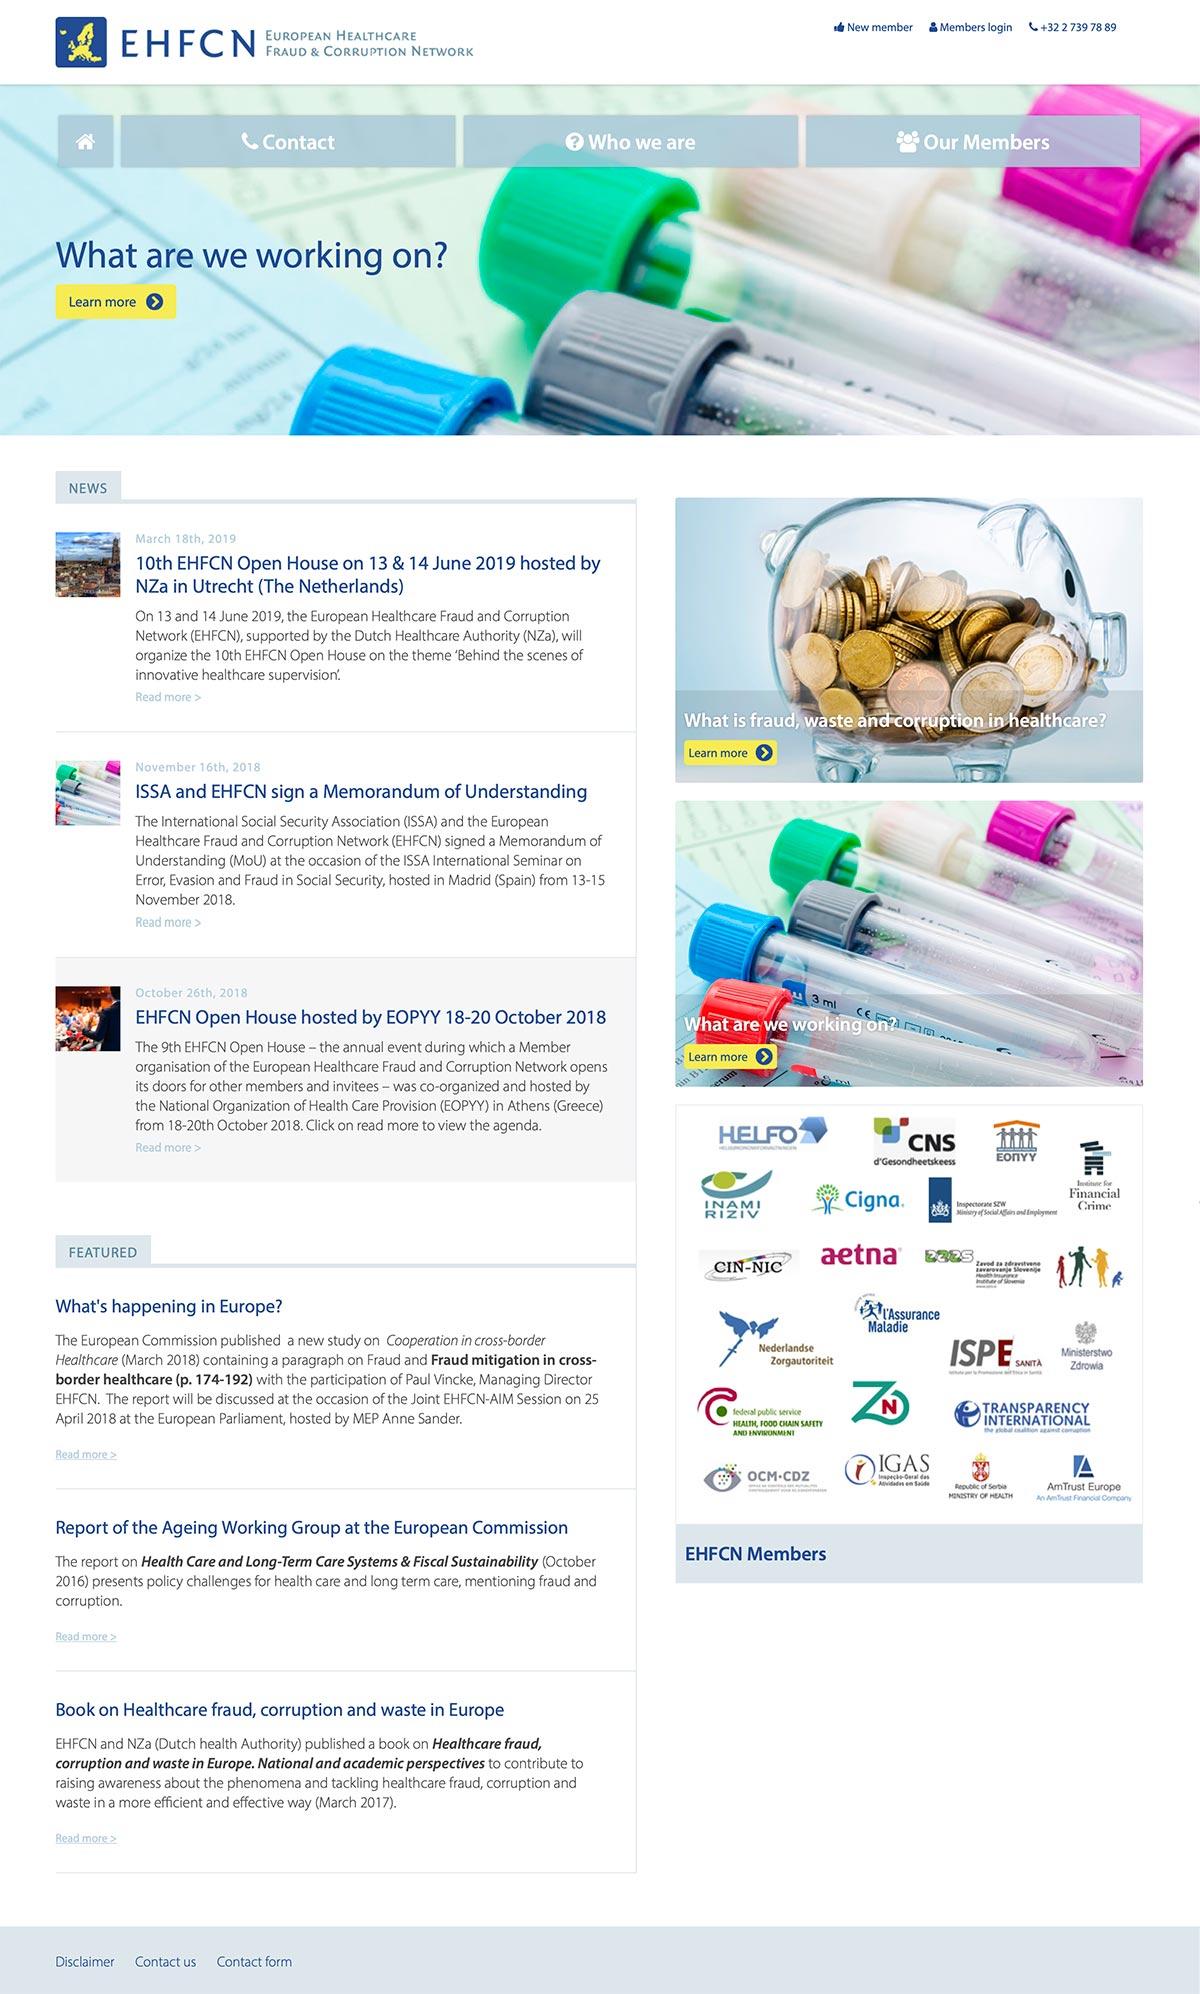 EHFCN-homepage-Wedbesign-WordPress---SH-grafisch-ontwerp